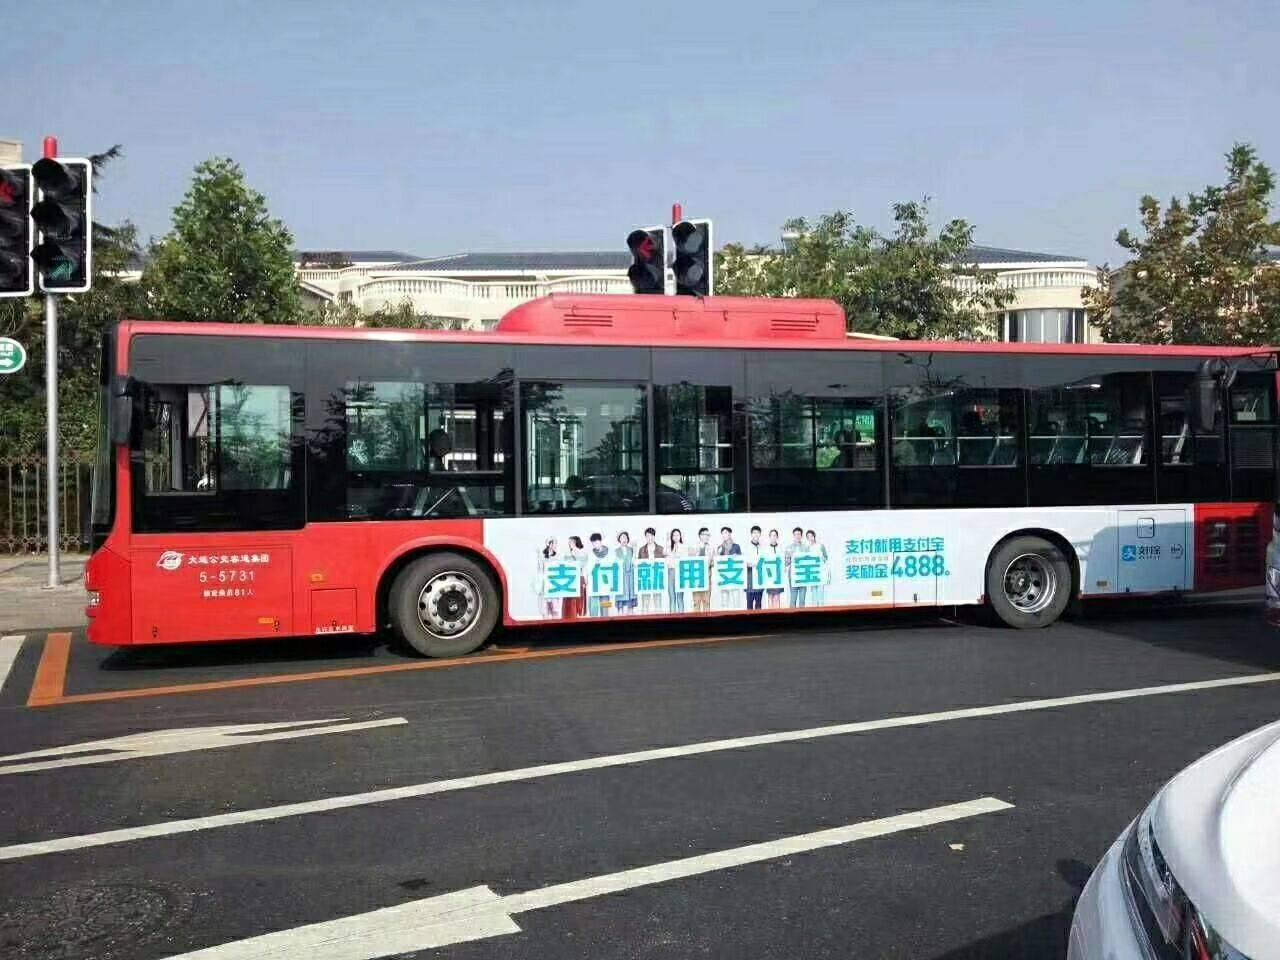 大连公交车体广告 932路/933路/BRT(小)【半年】